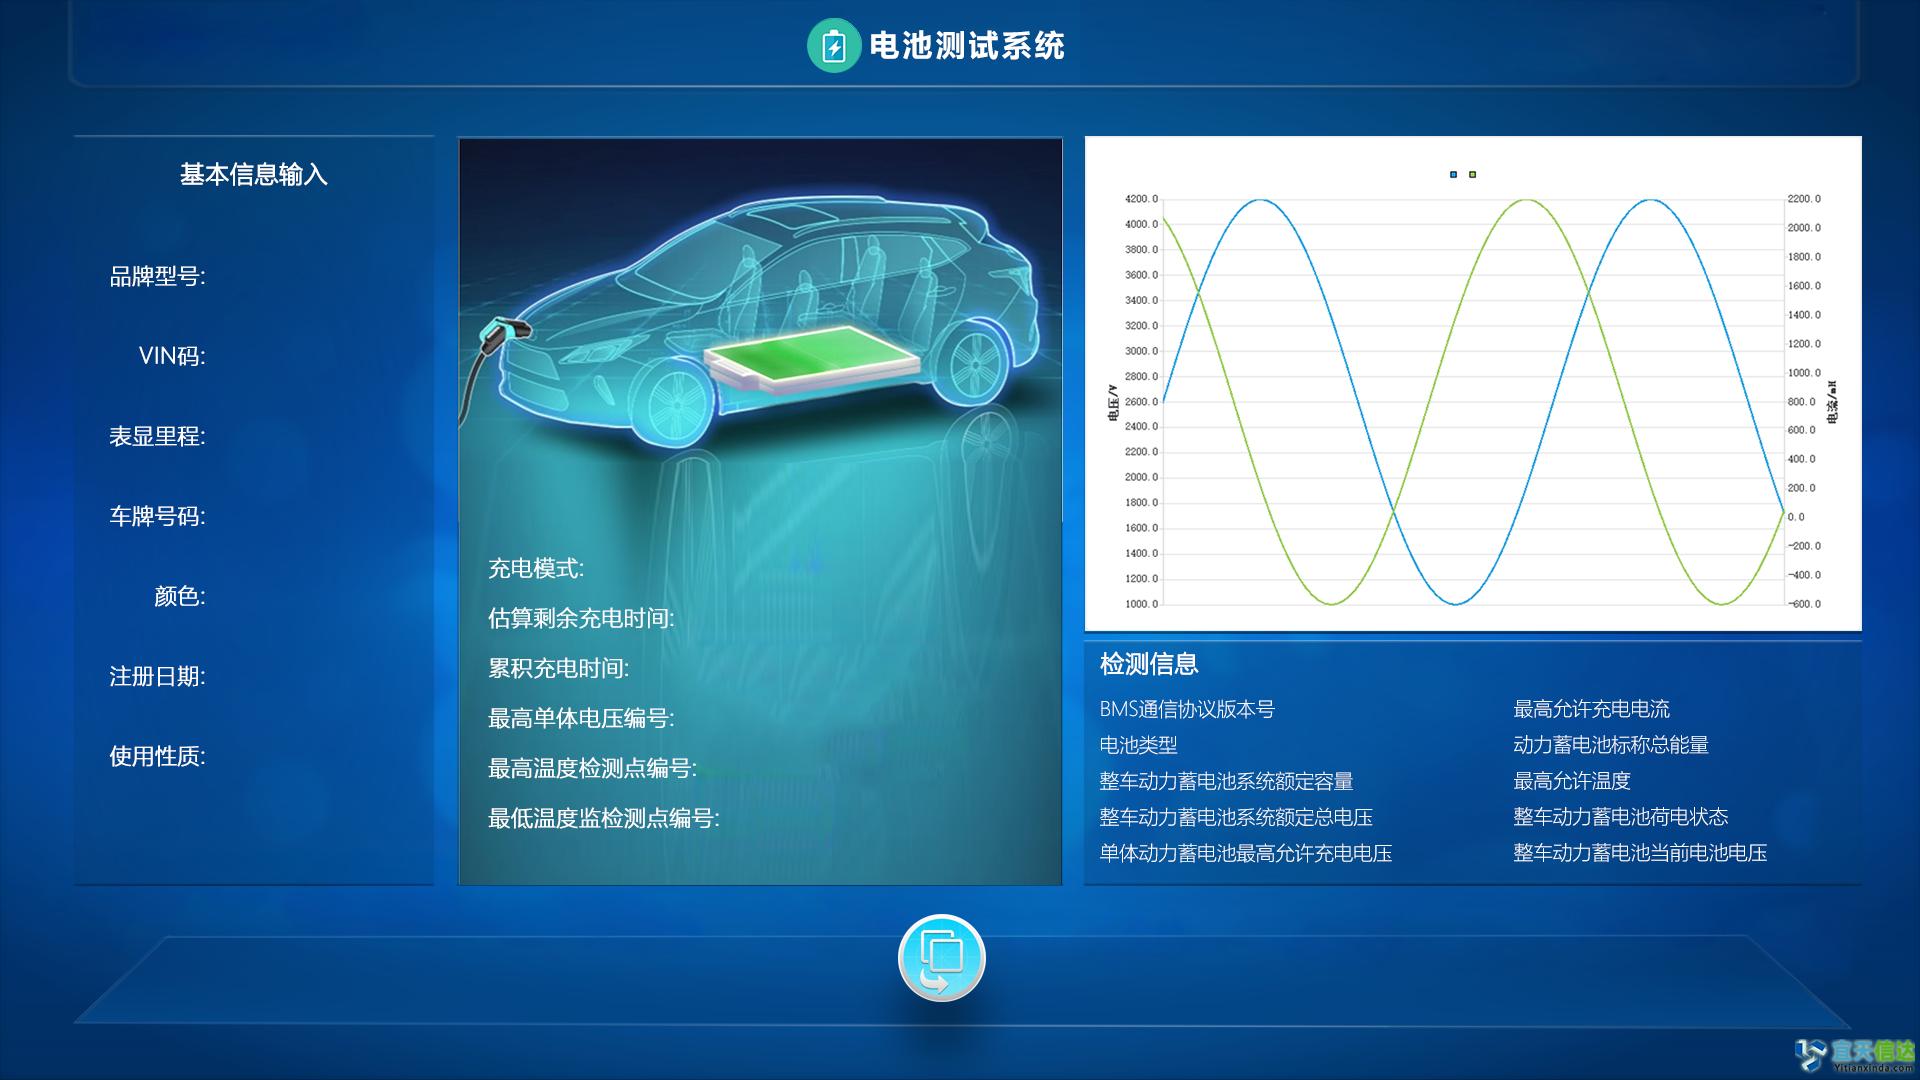 北京mile体育官方网站公司开发新能源监测管理系统